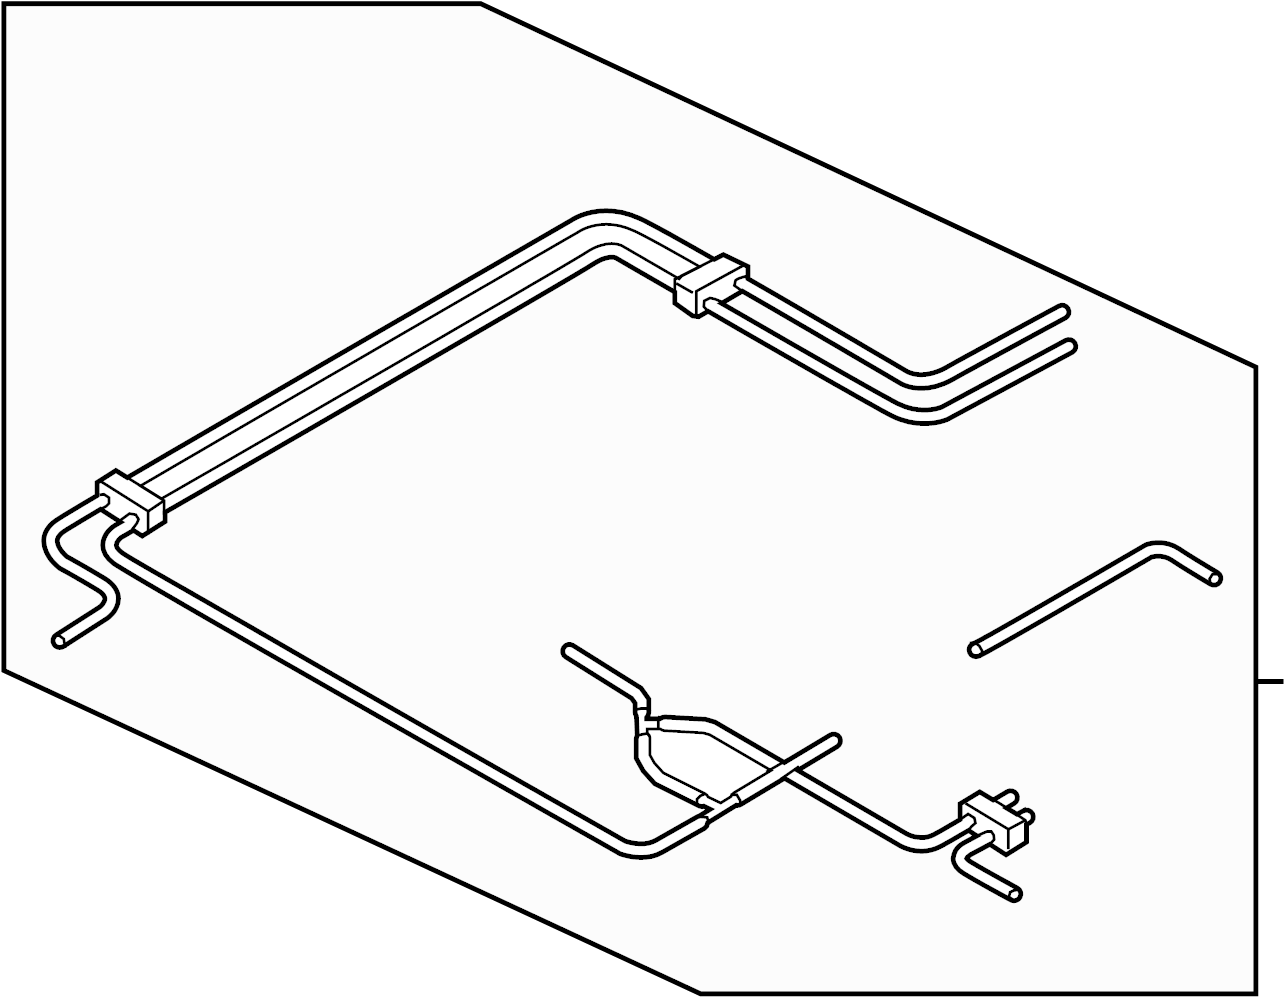 03 volkswagen 2 8 engine diagram